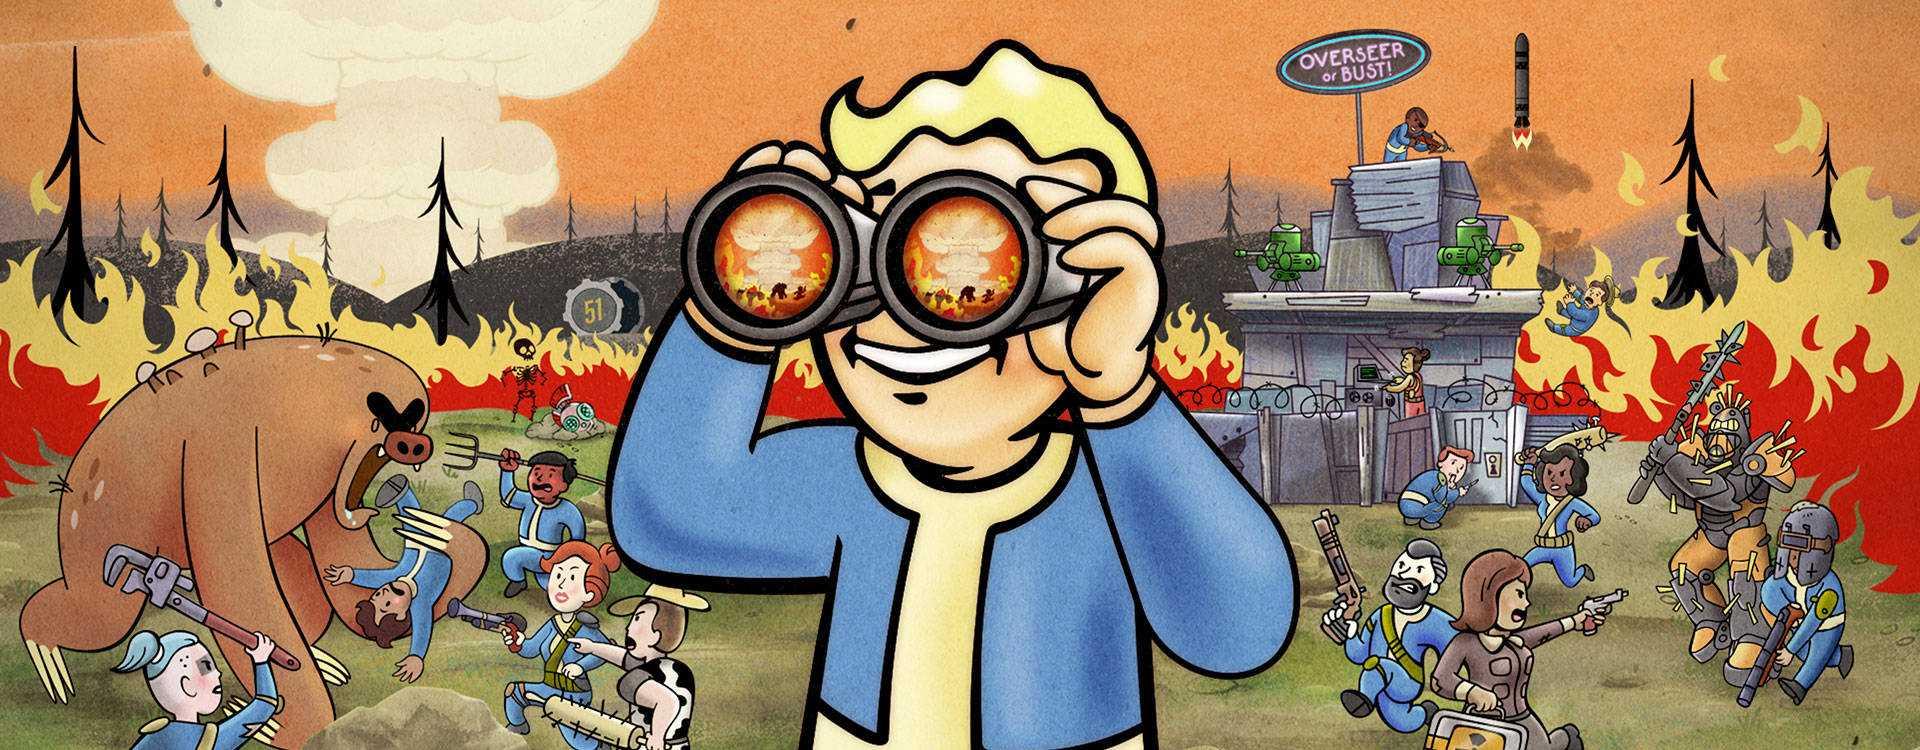 """Bethesda macht weiter mit Fallout 76, auch wenn einige Kritiker fordern: """"Hört auf!"""""""